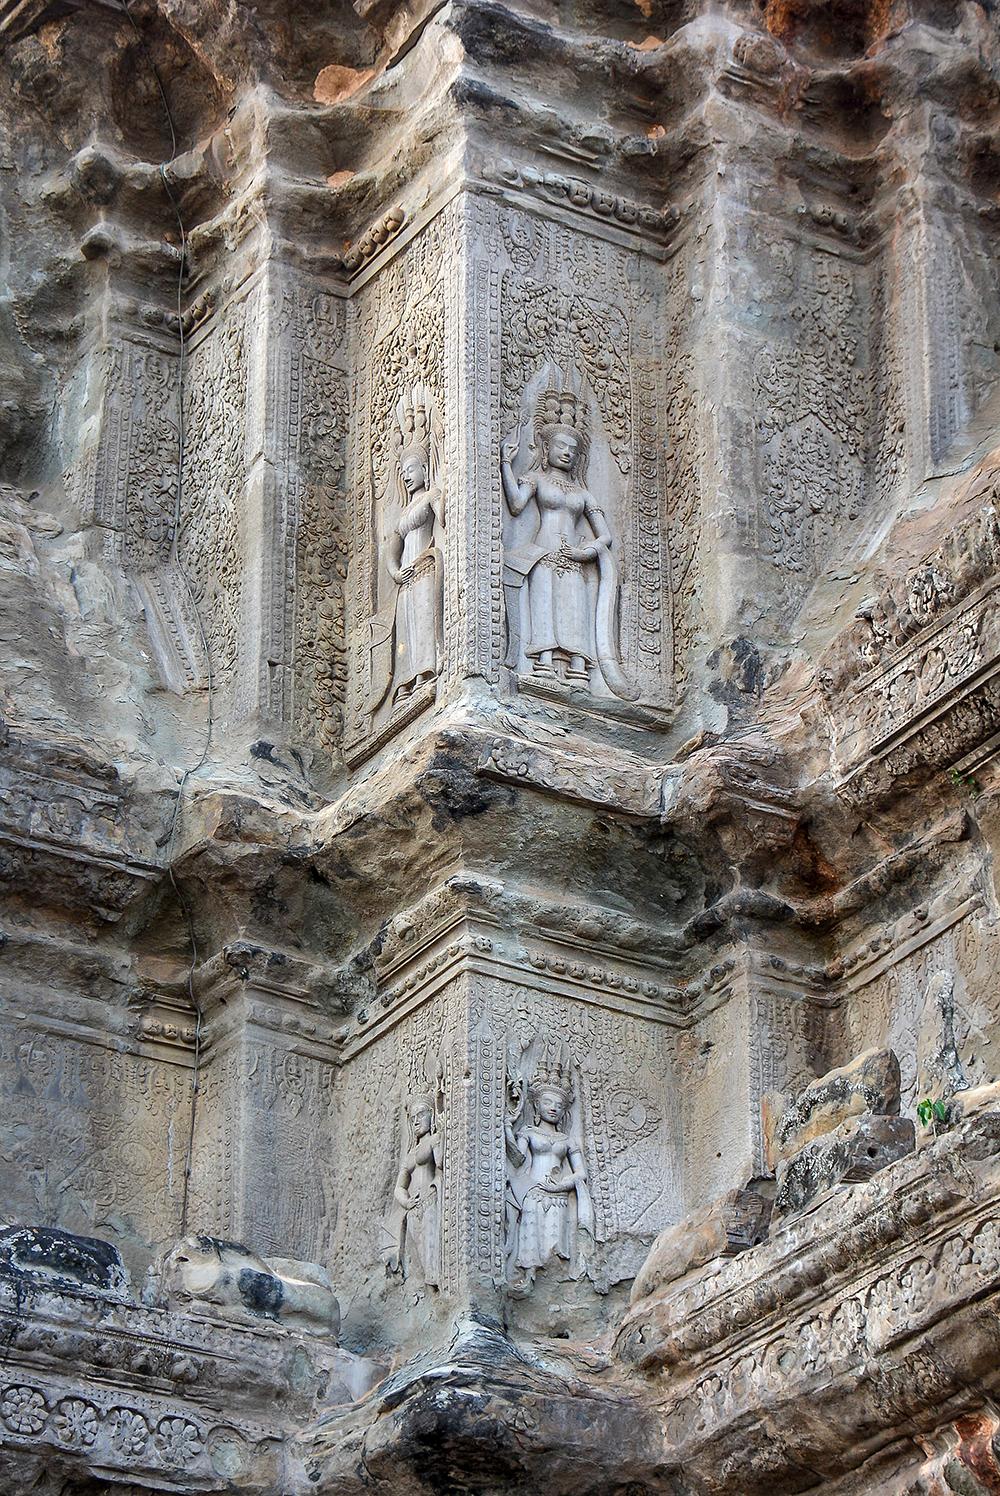 Cambogia, Angkor Wat La città perduta e ritrovata